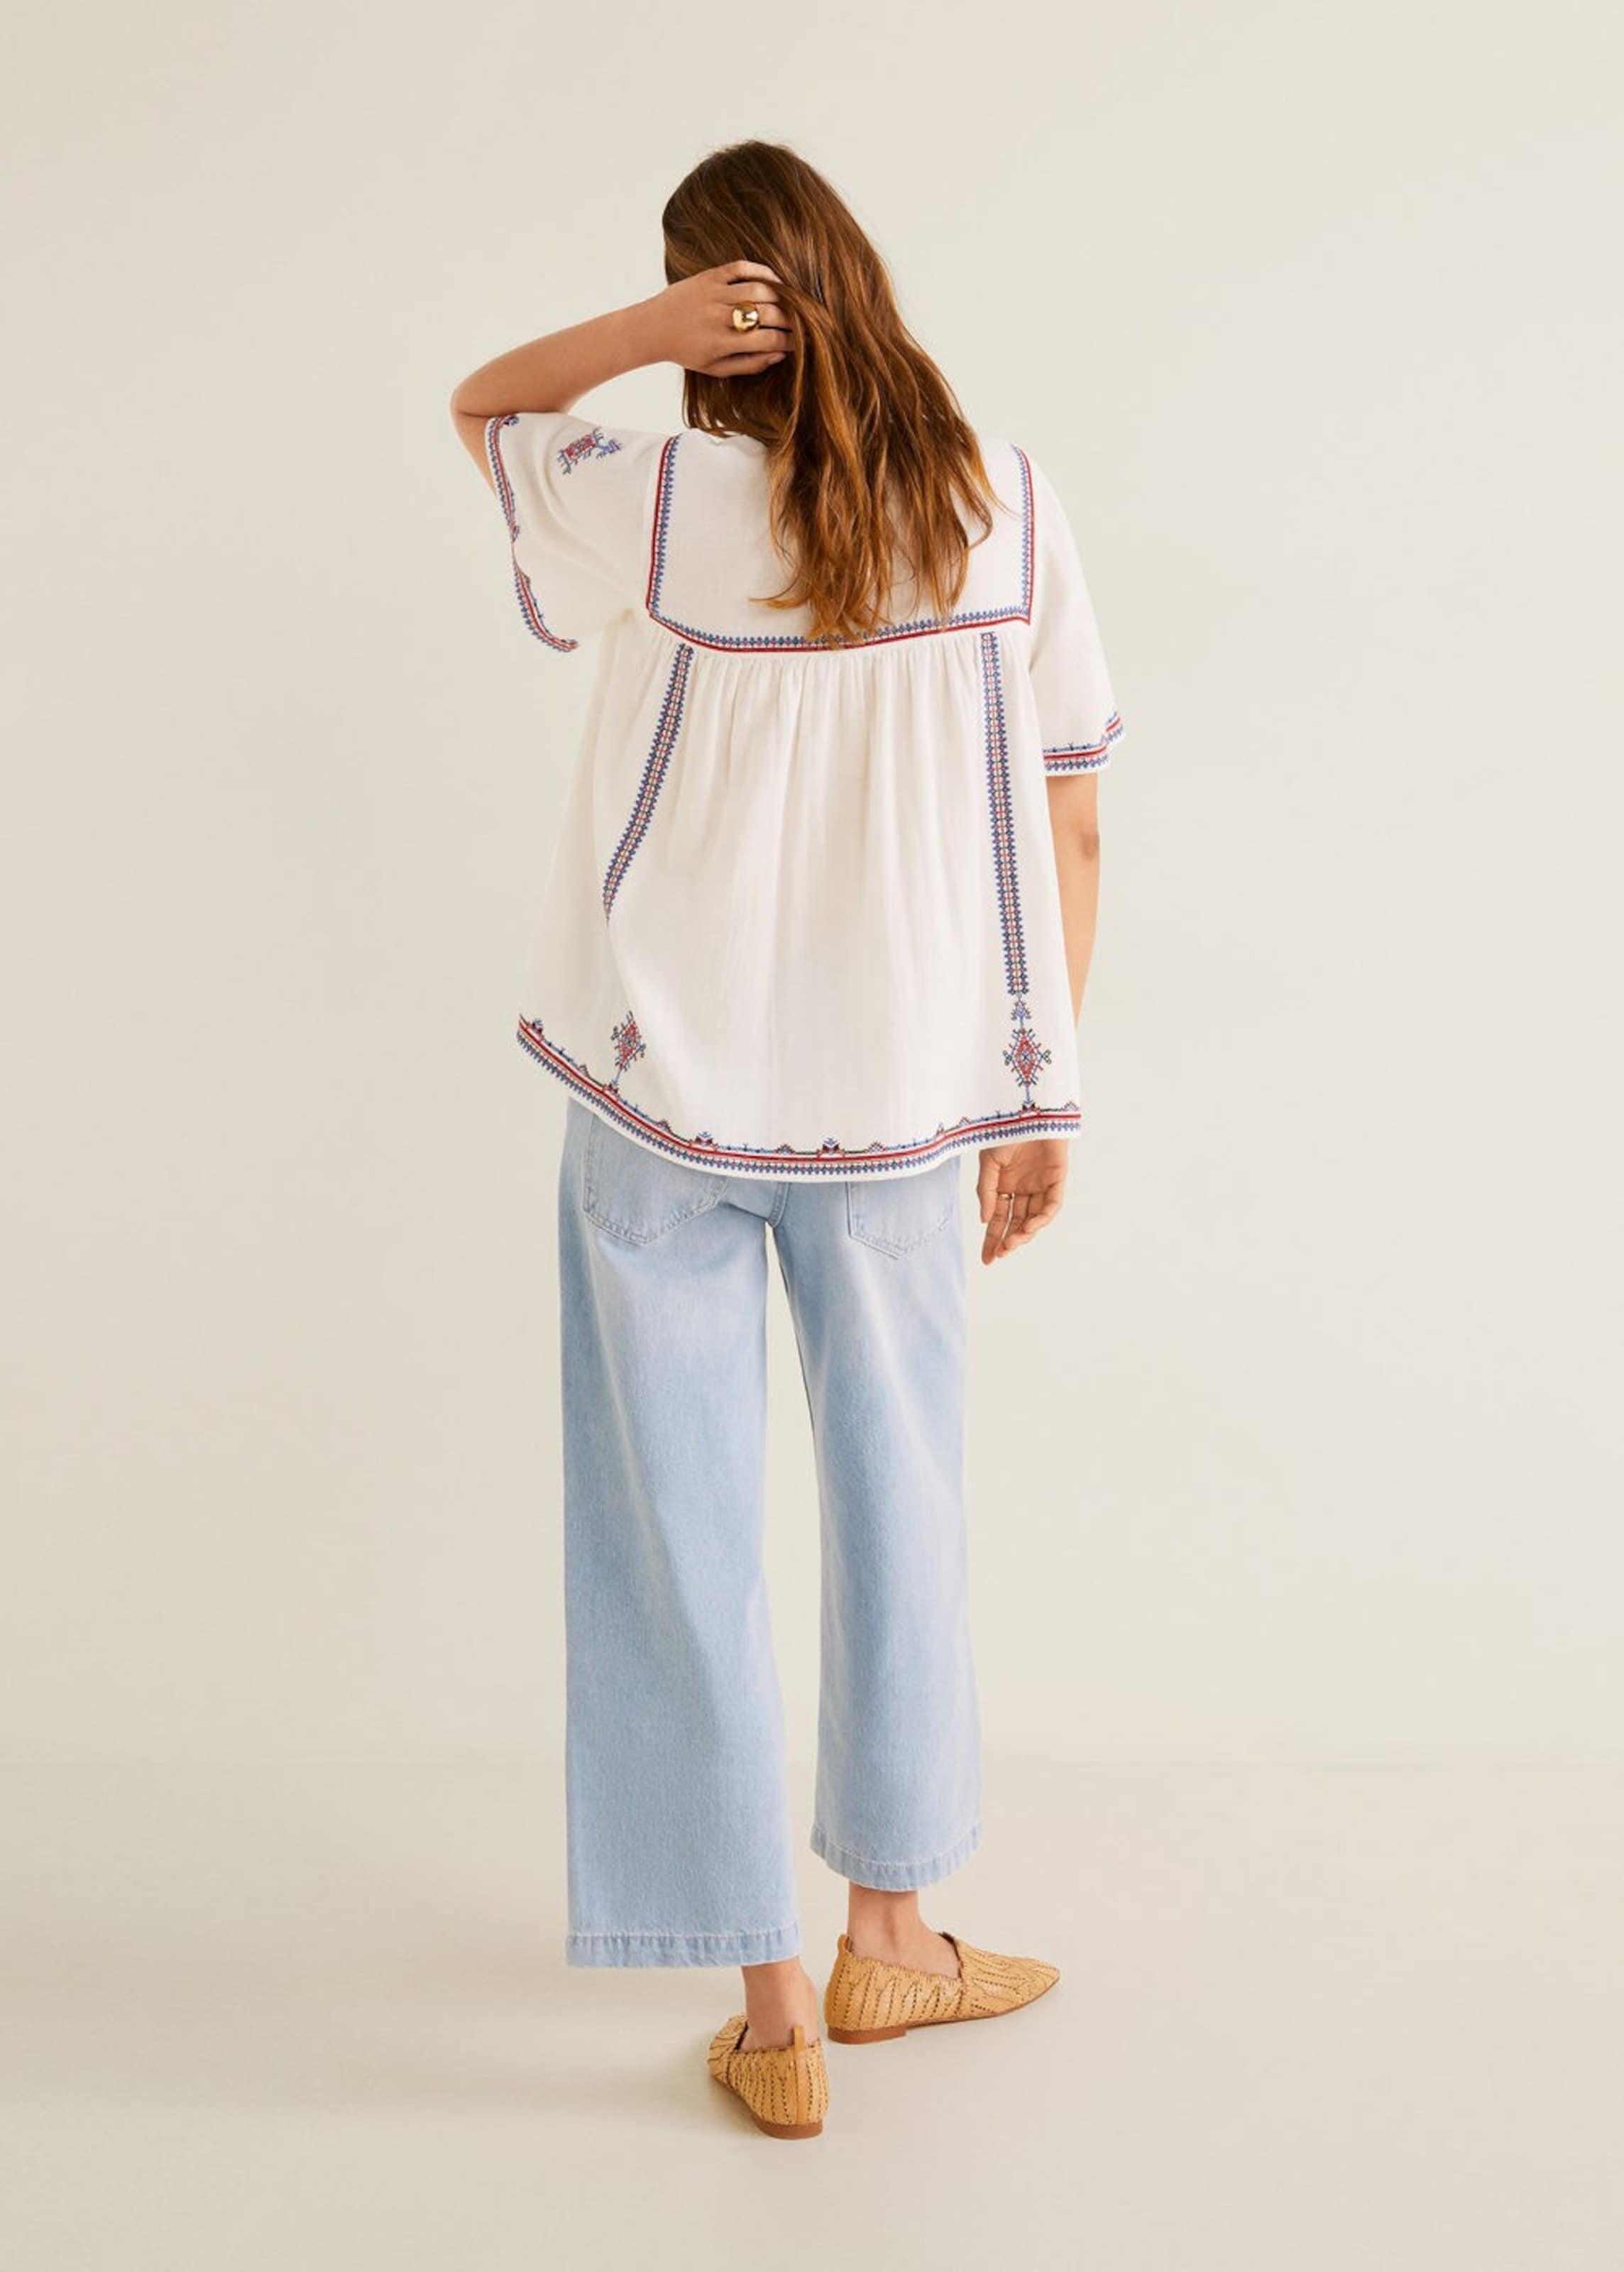 'indigo' In Mango Hemd Weißmeliert BlauRot T1Jc5lF3uK